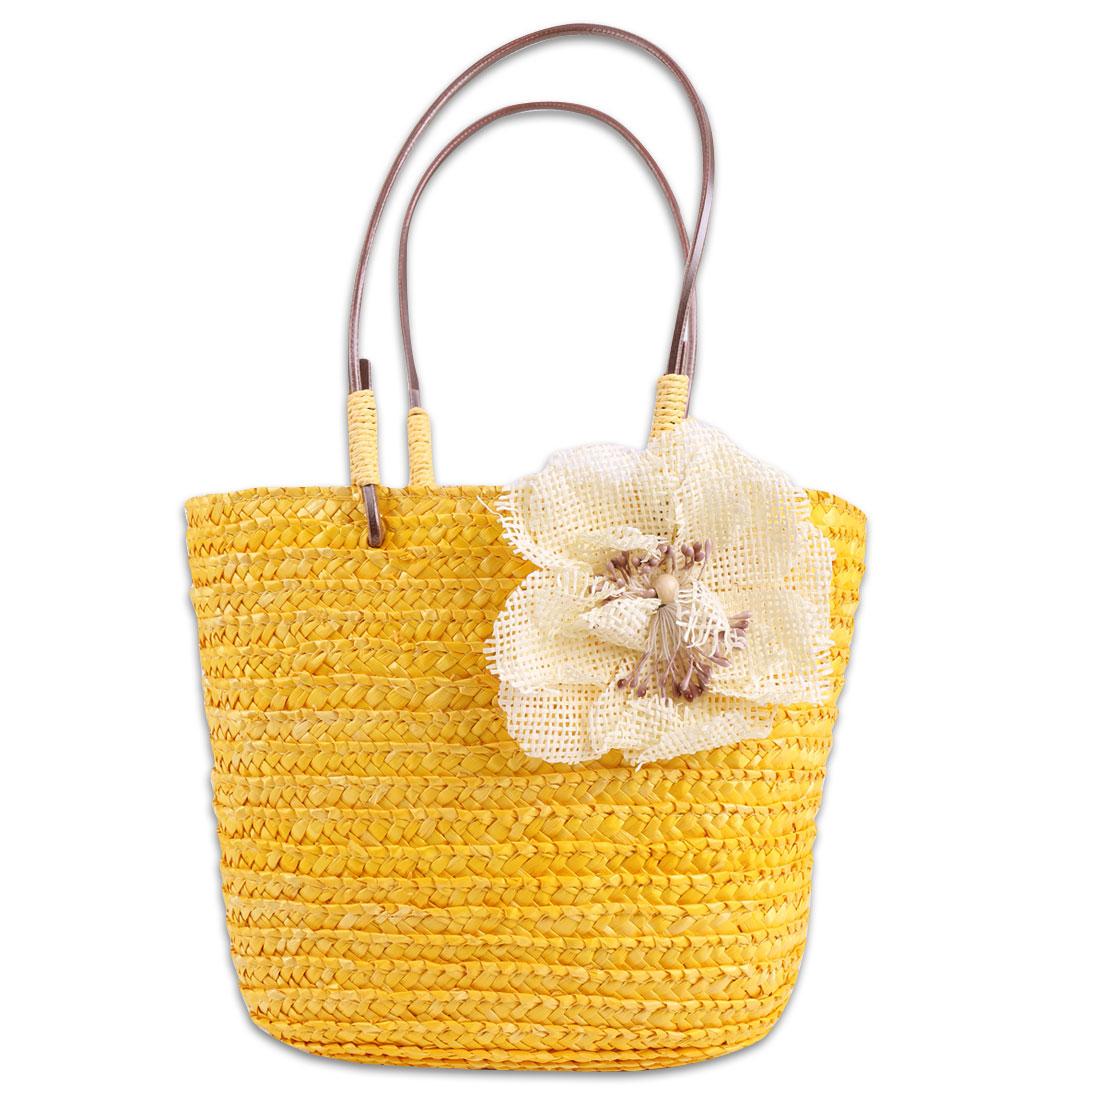 Girls Interior Pocket Stylish Shopping Straw Handbag Yellow